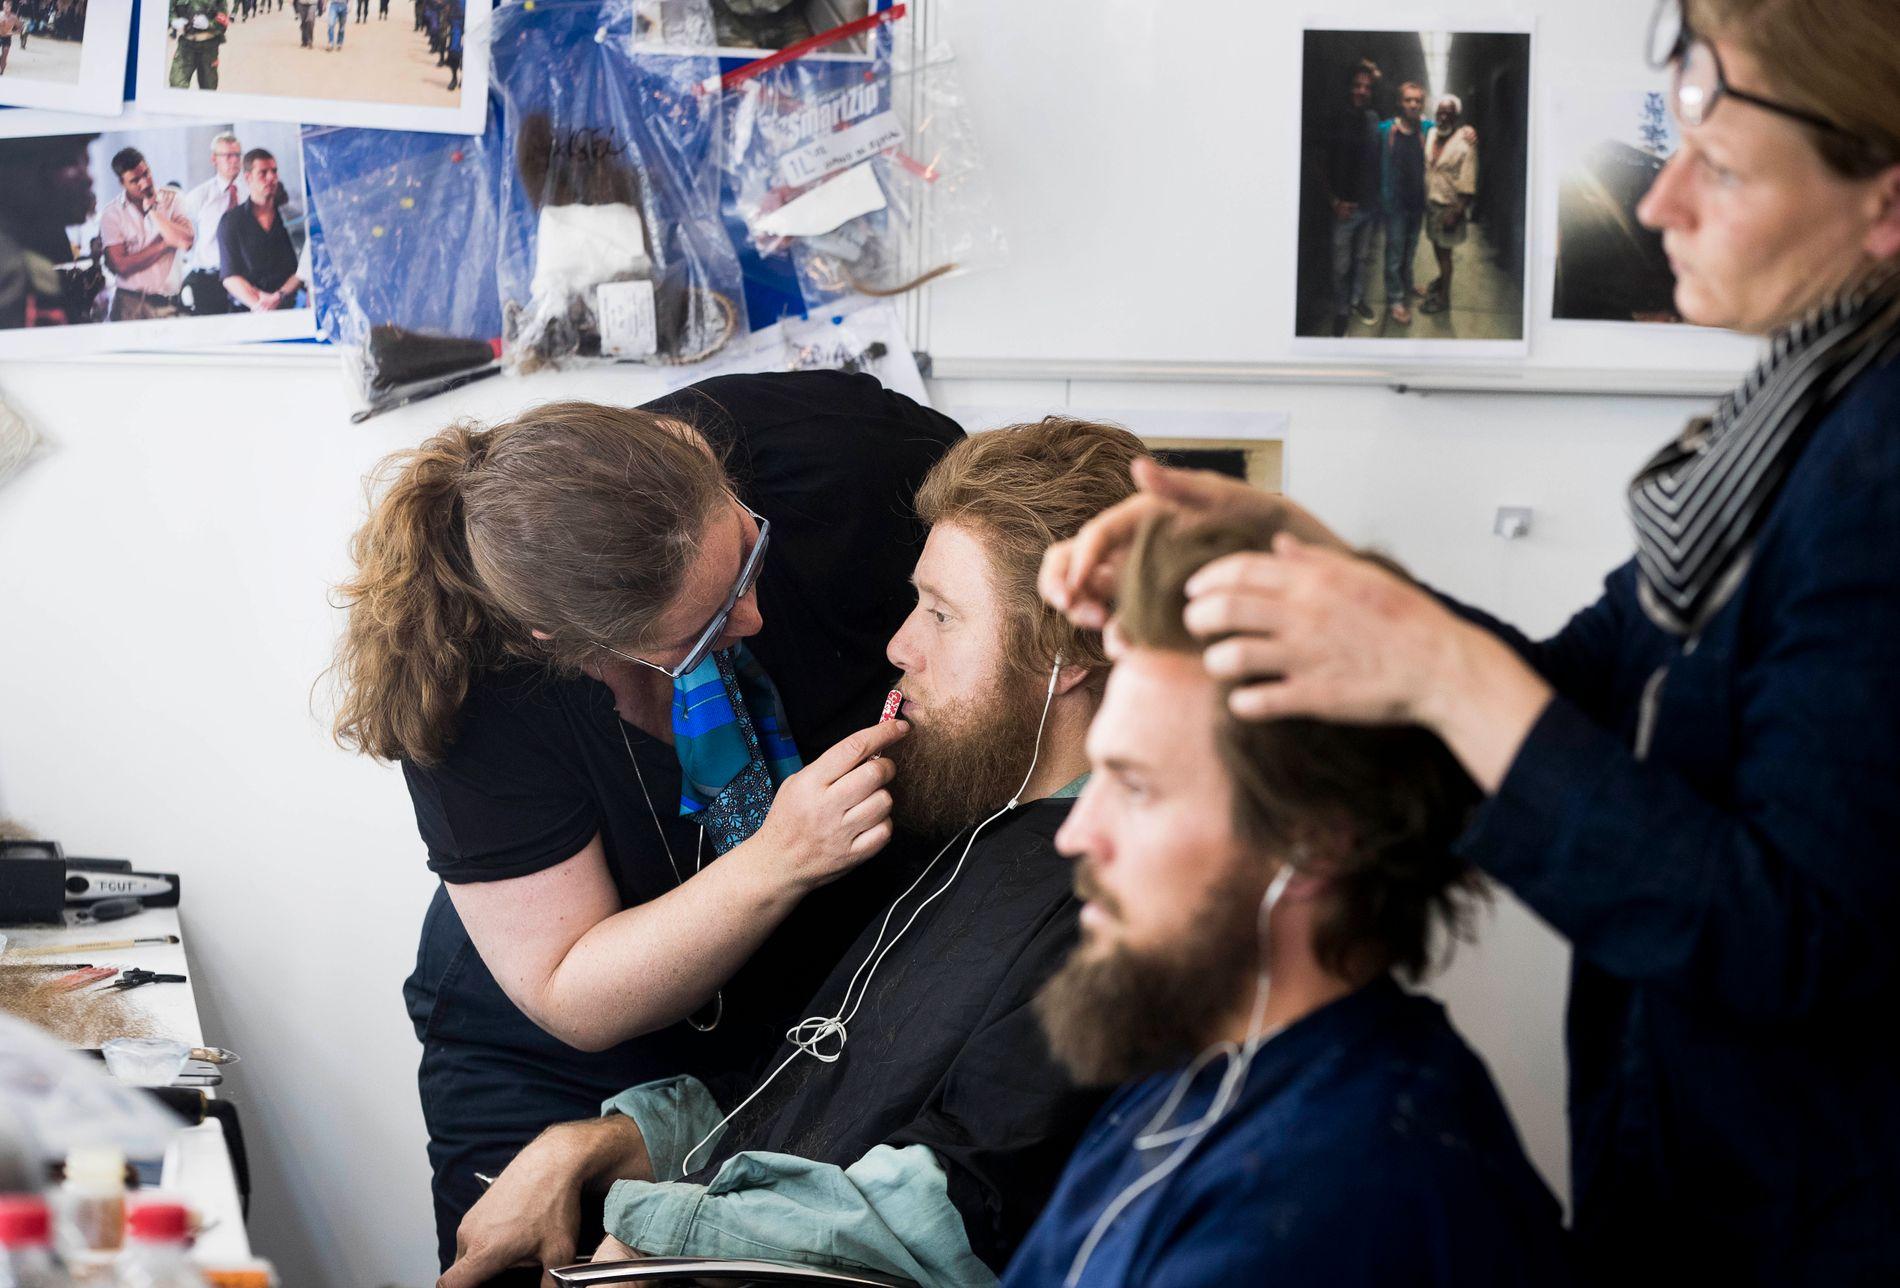 HÅR OG SKJEGG: Aksel Hennie (t.v.) og Tobias Santelmann går fra korthårede og glattbarberte til langhårede og skjeggete i løpet av samme innspillingsdag. Her legger sminkør Bjørg Serup siste hånd på verket.